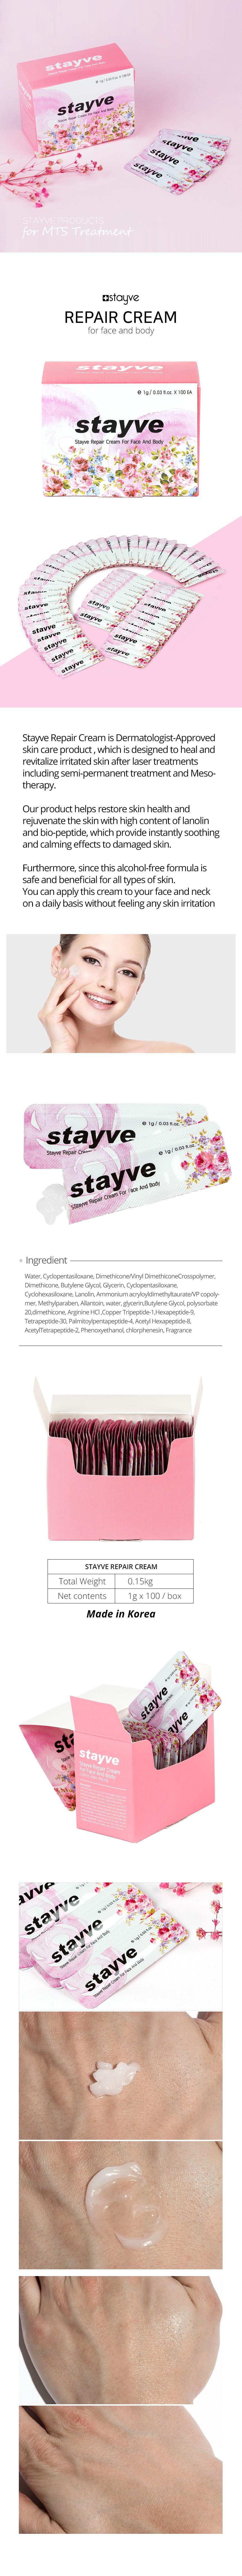 stayve repair cream Singapore